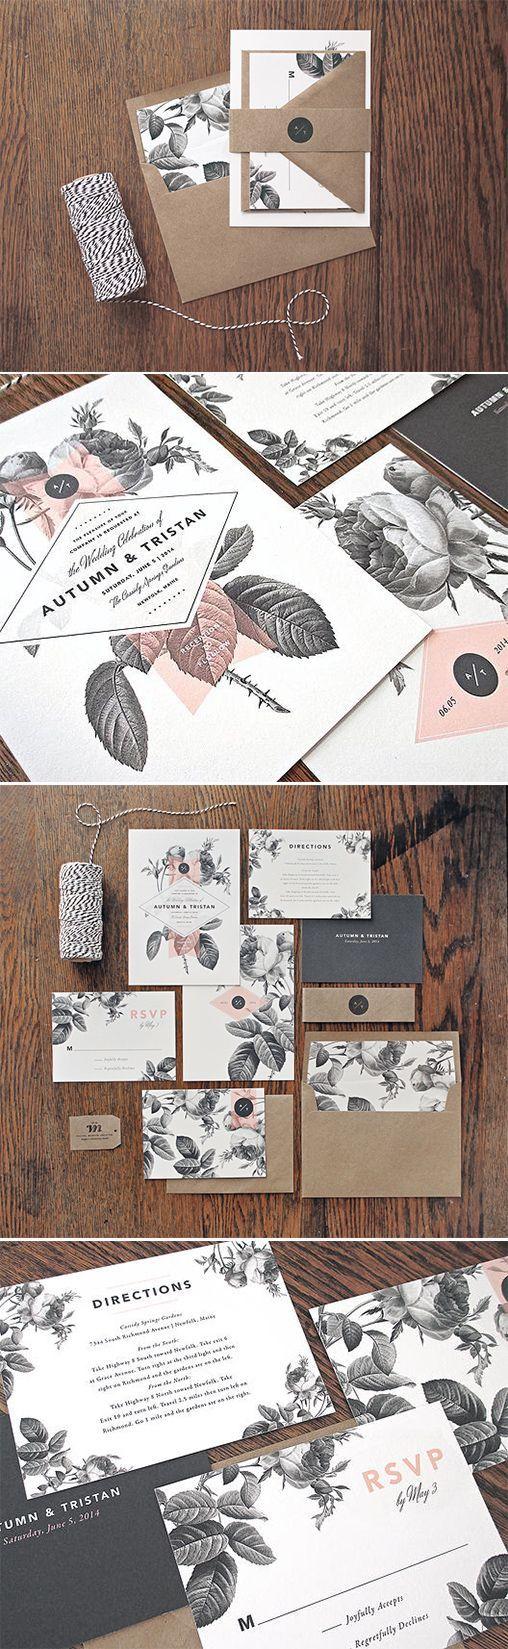 Artigos de papelaria florais    Casamento preto e branco    Papel kraft convida    Rachel Marvin Criativo    #weddingchicks